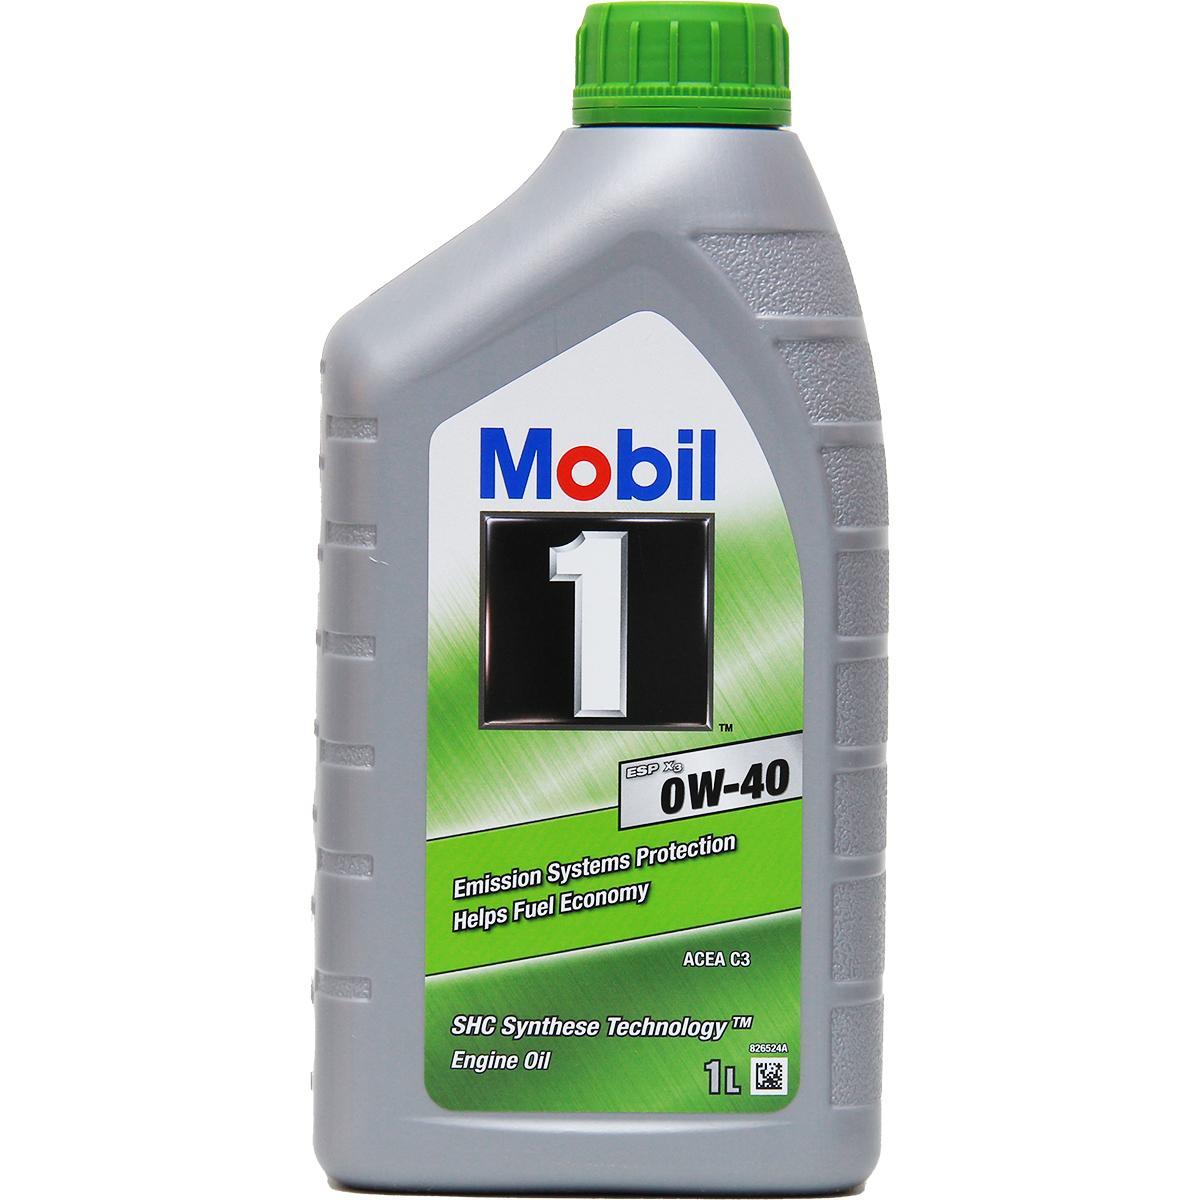 MOBIL: Original Motorenöl 151500 ()